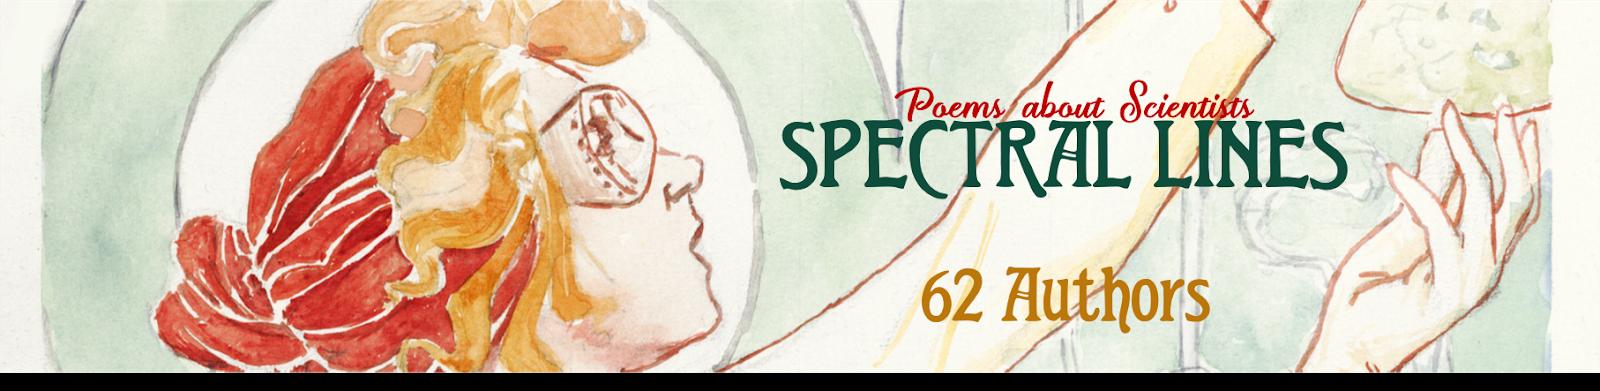 Spectral Lines header banner